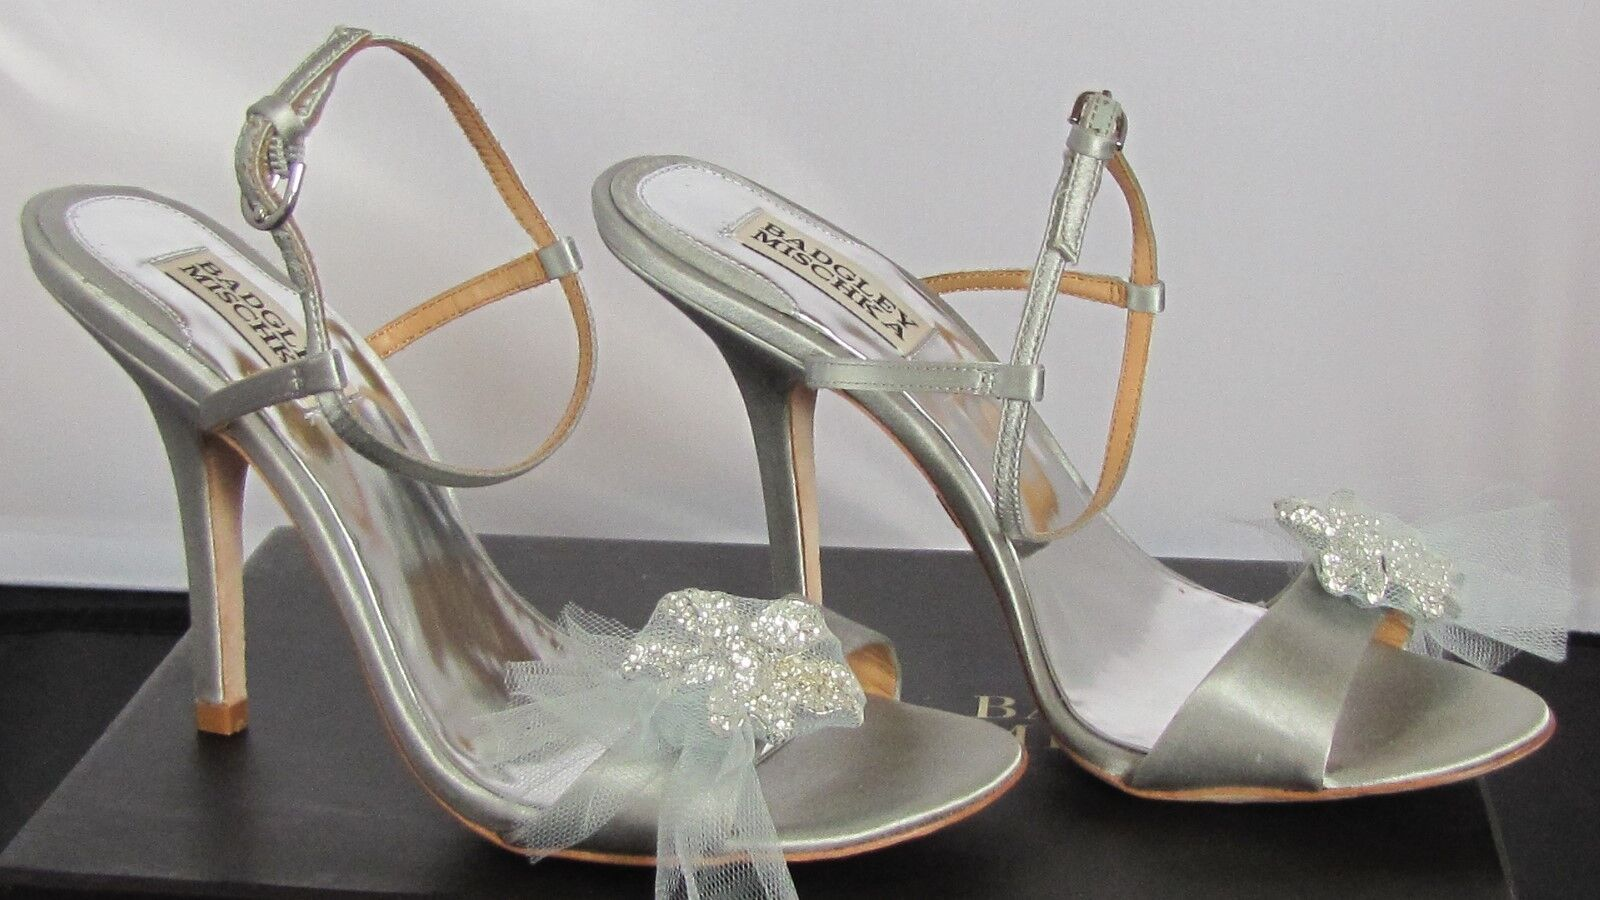 BADGLEY MISCHKA MISCHKA MISCHKA  205.00 WEDDING COCKTAIL argent BROOCH HEELS chaussures NIB 7.5 30c114